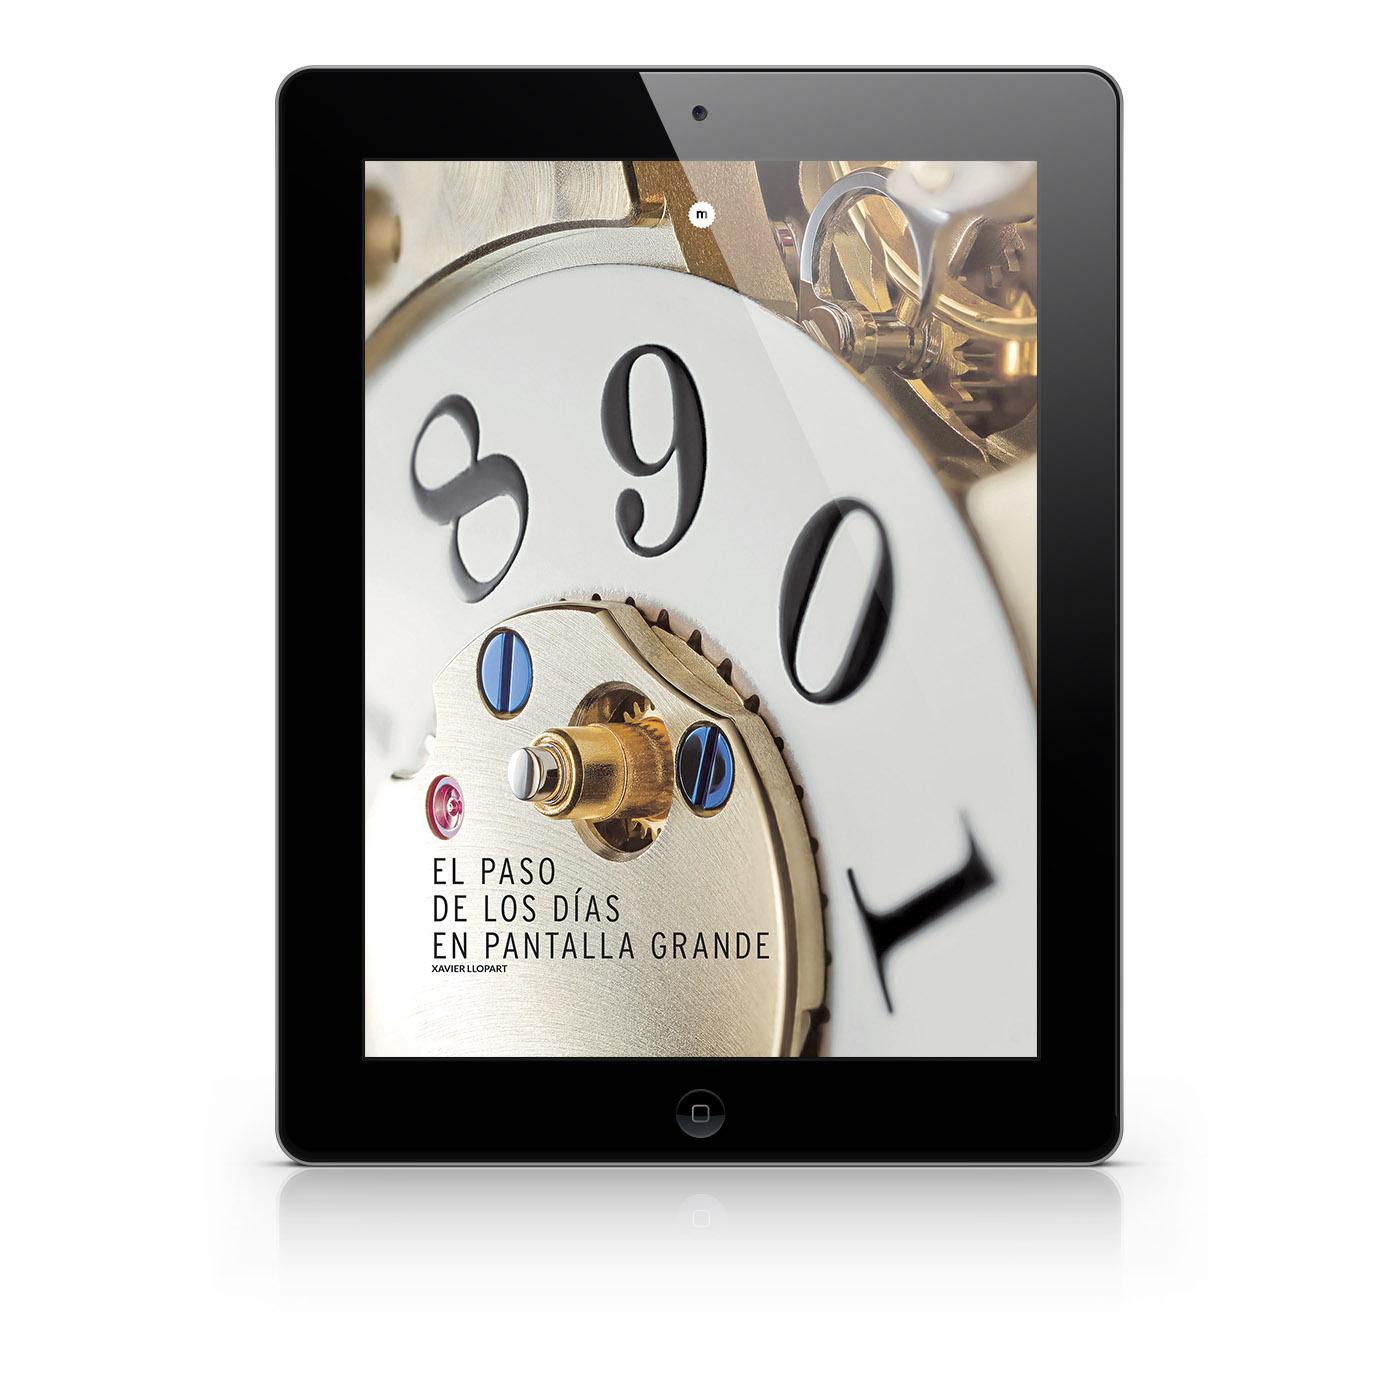 ipad-revista-digital-rellotge-disseny